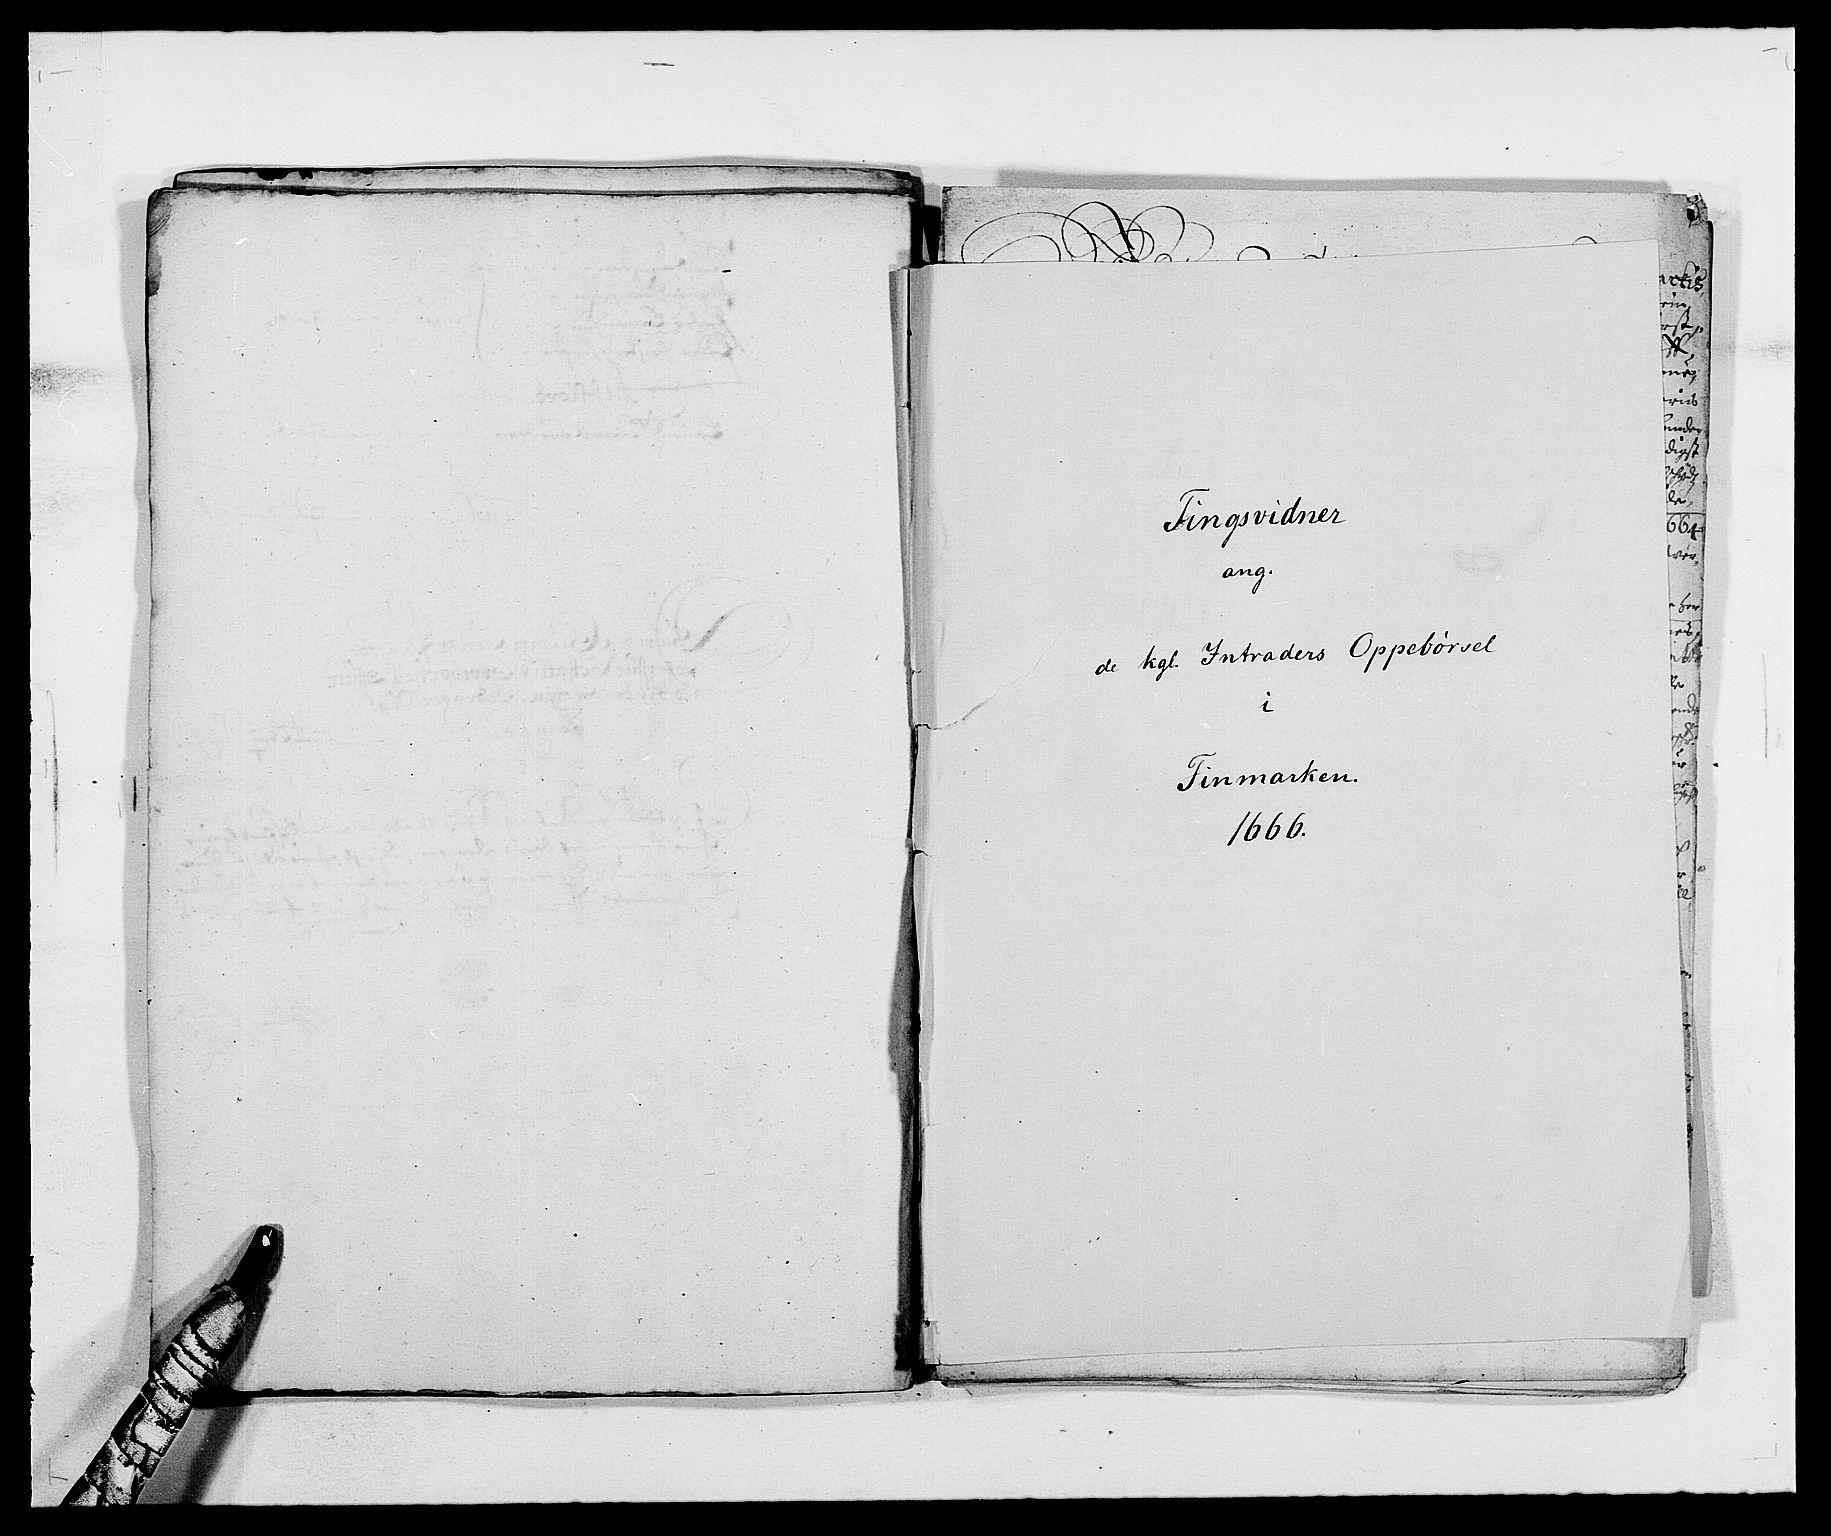 RA, Rentekammeret inntil 1814, Reviderte regnskaper, Fogderegnskap, R69/L4849: Fogderegnskap Finnmark/Vardøhus, 1661-1679, s. 93